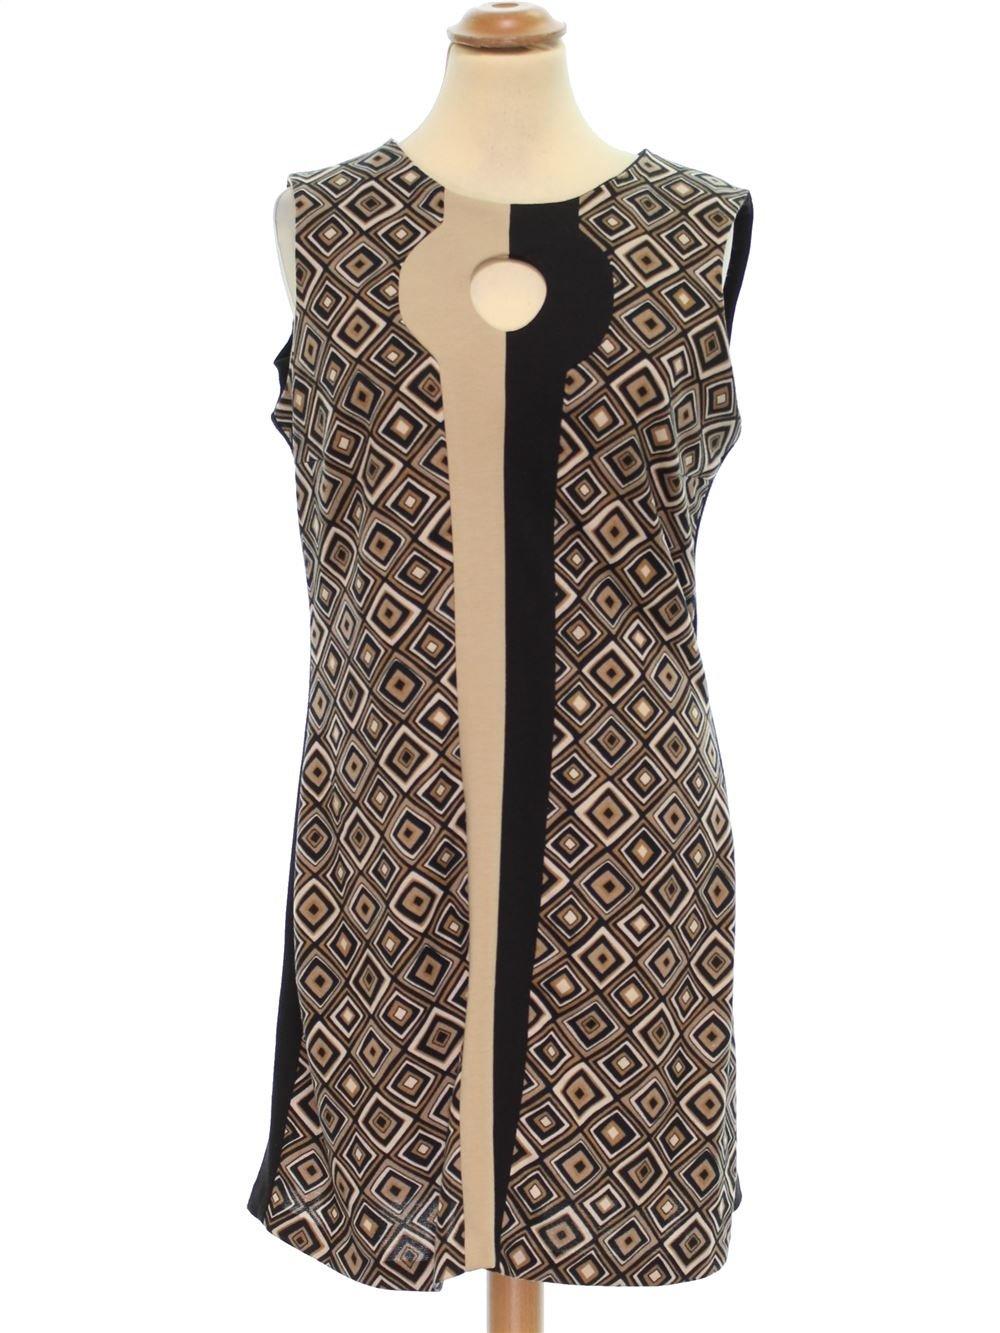 Robe Femme Rinascimento L Pas Cher 14 99 1383506